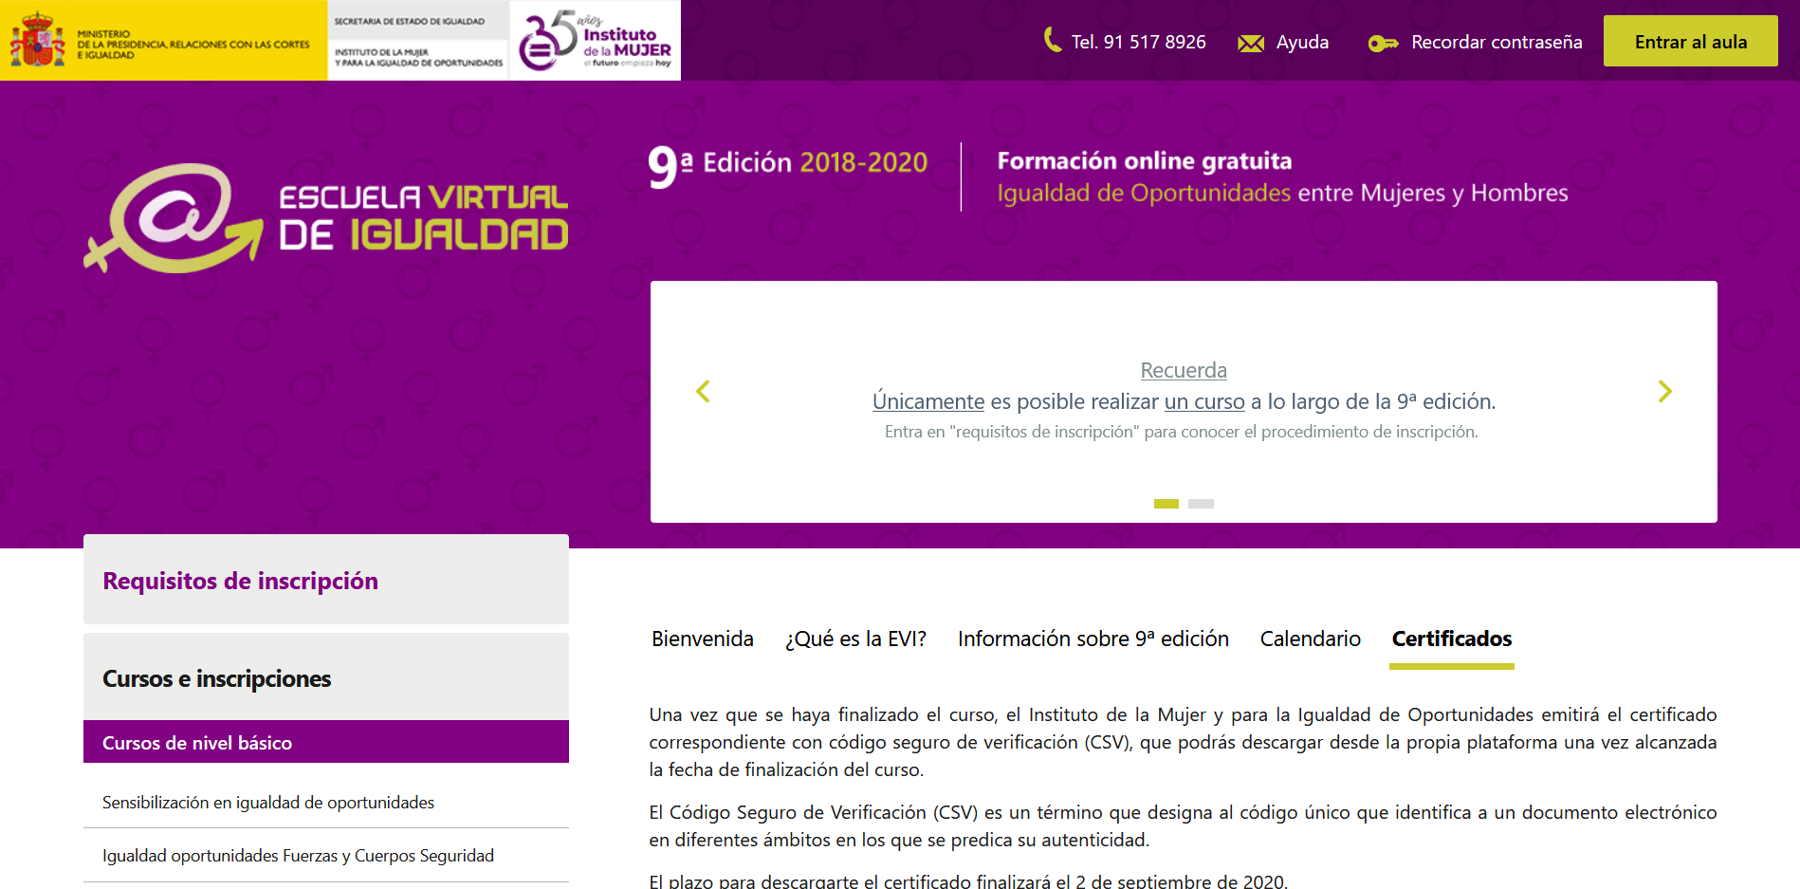 Formación para la elaboración de planes de igualdad en las empresas